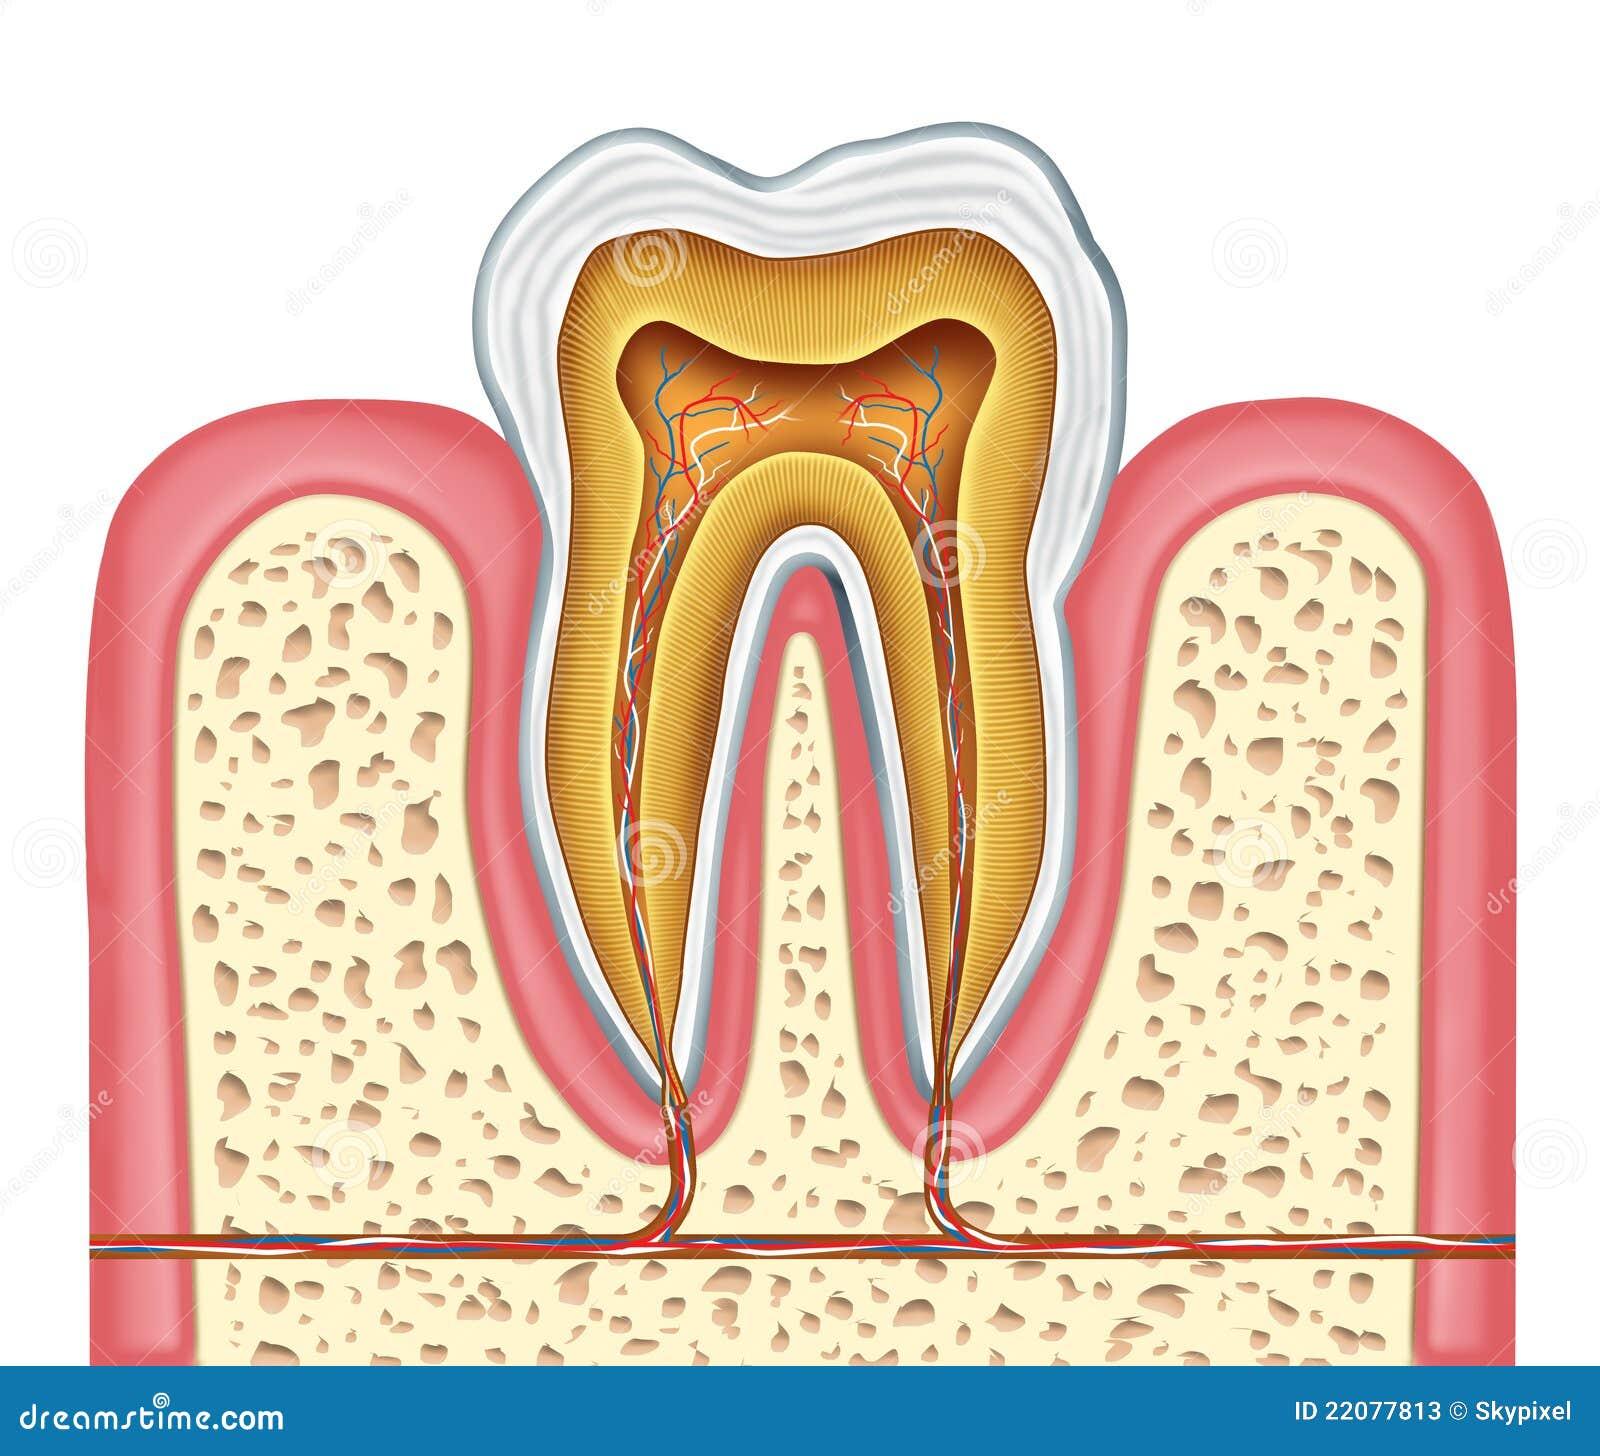 Anatomie Eines Gesunden Menschlichen Zahnes Stock Abbildung ...